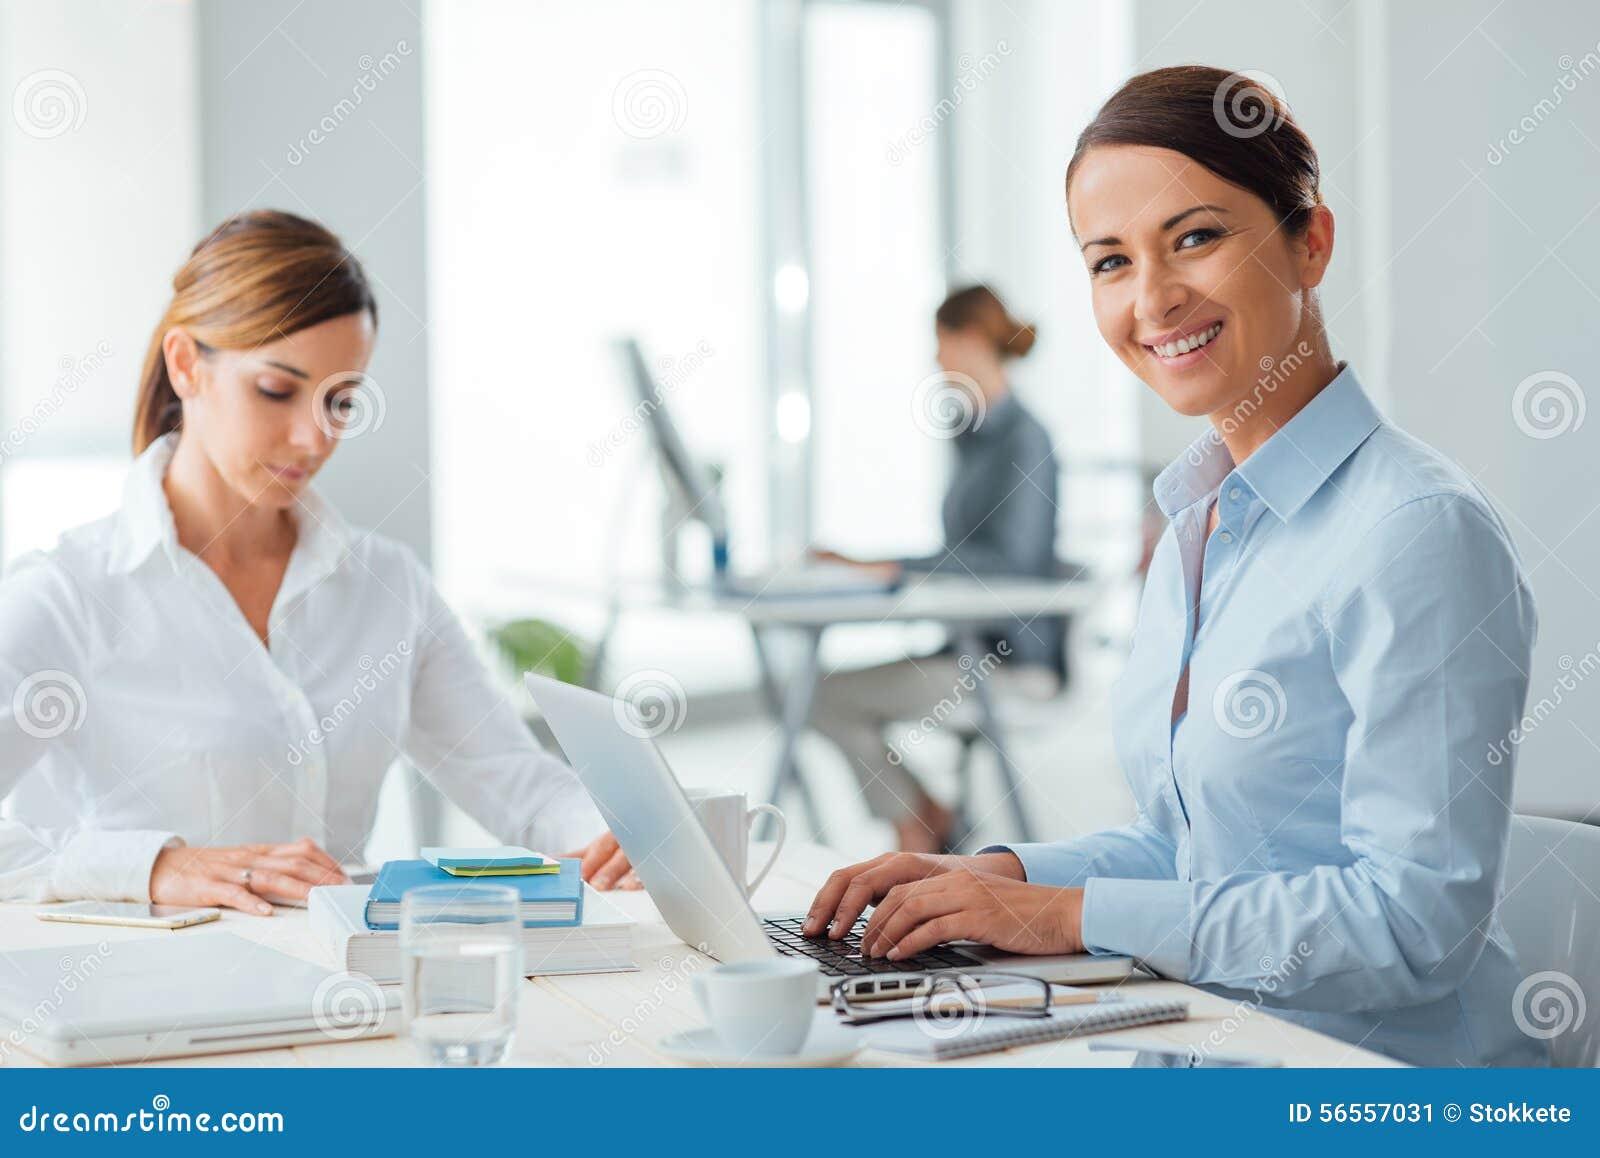 Download Επιτυχείς επιχειρηματίες γυναικών στην εργασία Στοκ Εικόνα - εικόνα από δικτύωση, έκφραση: 56557031